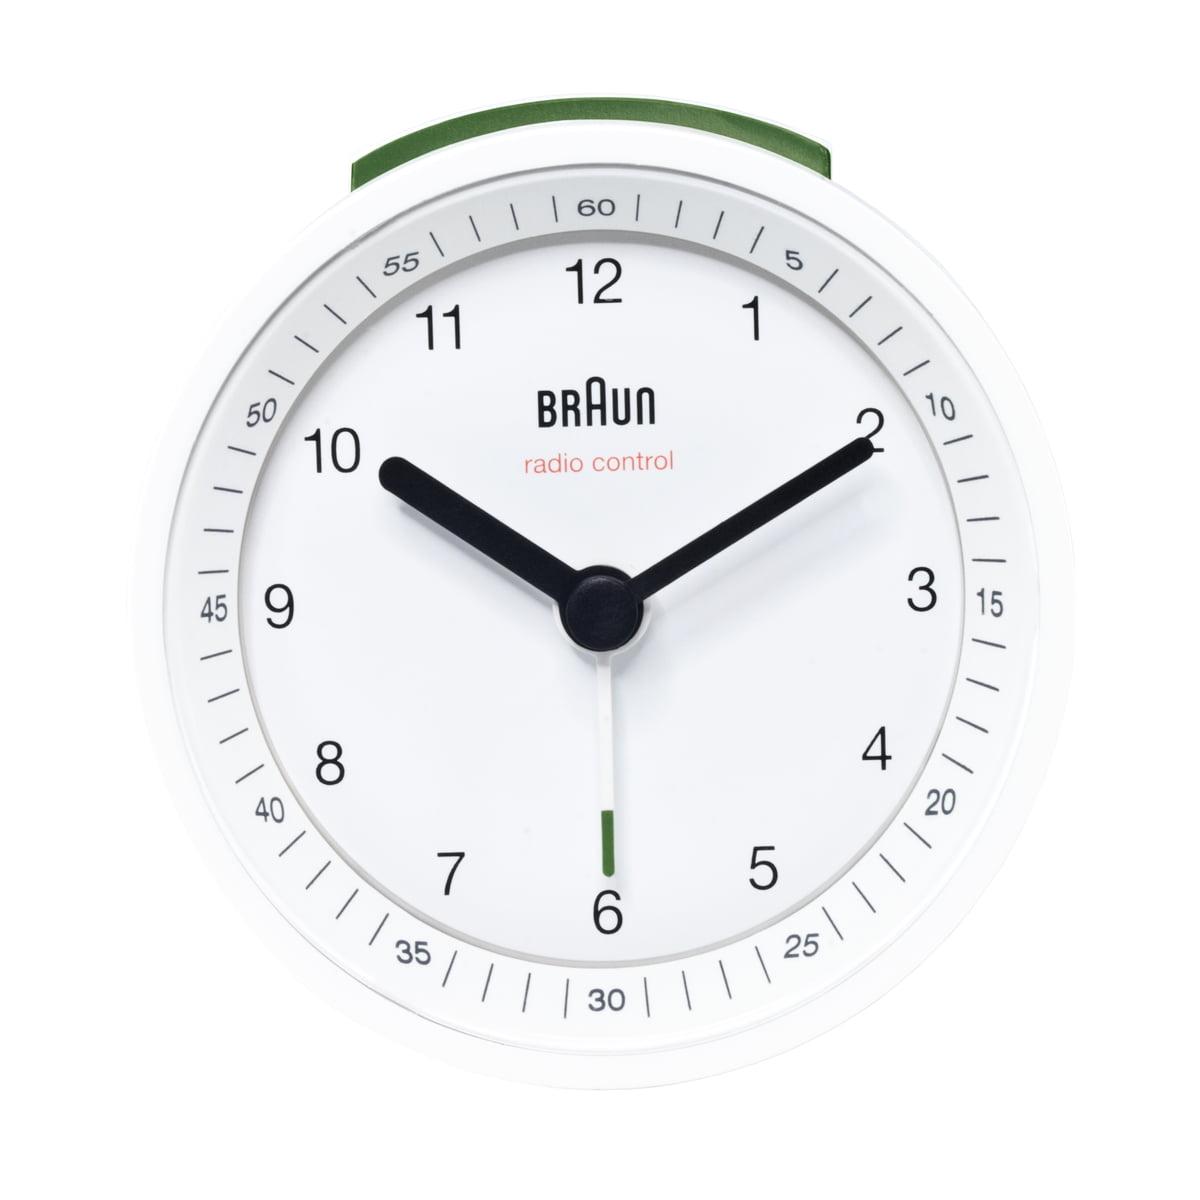 Braun - Funkwecker BNC007, weiß | Dekoration > Uhren > Wecker | Weiß | Kuststoff | Braun